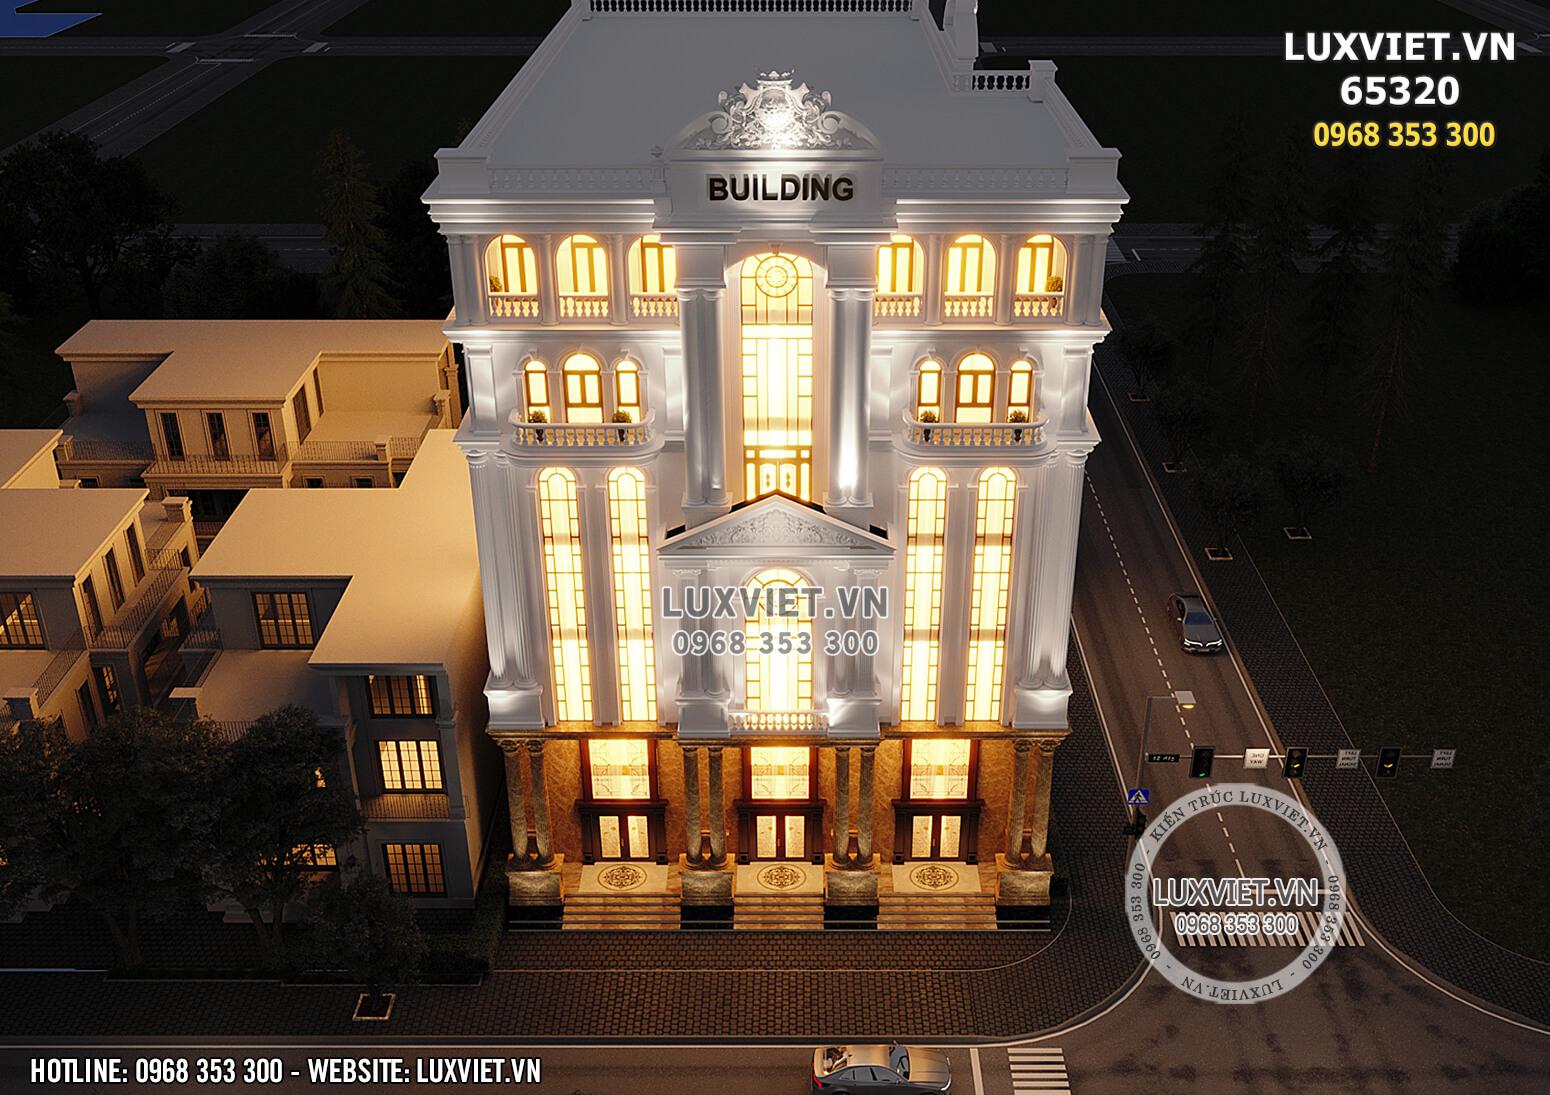 Hình ảnh: Mẫu thiết kế trung tâm thương mại đáng giá nhất năm 2021 - LV 65320